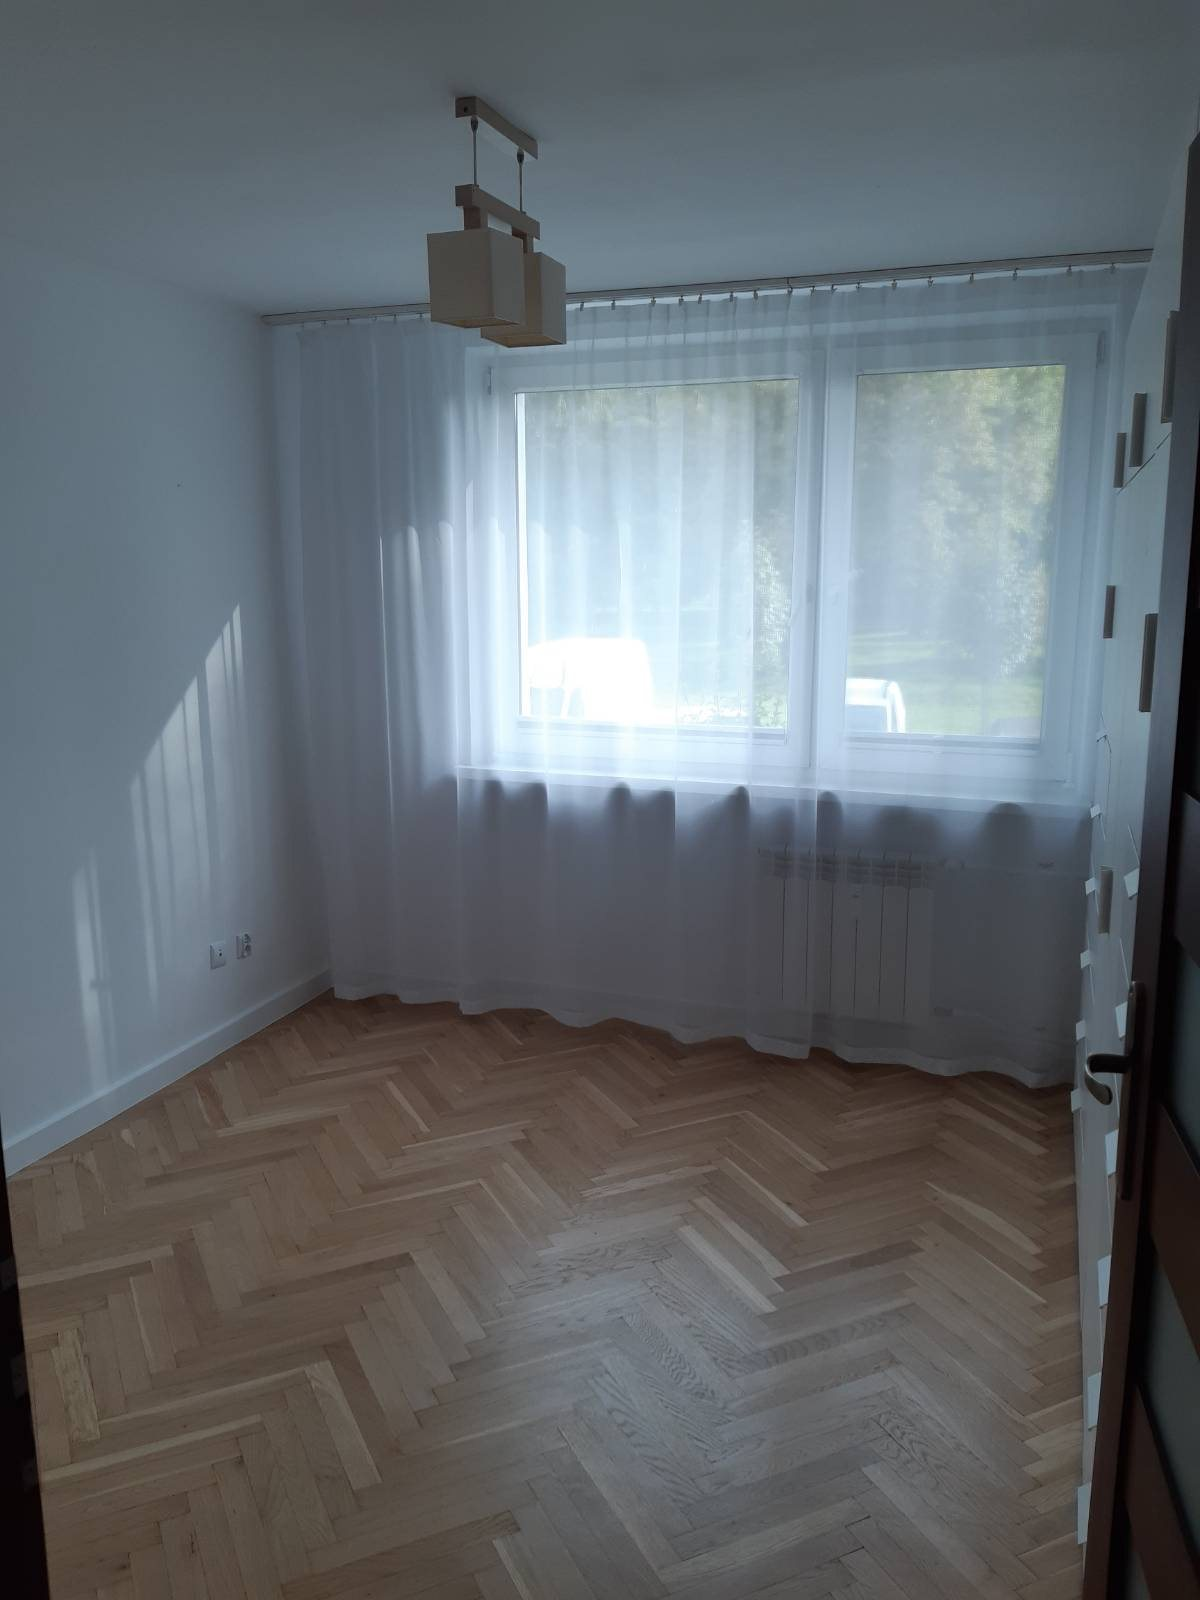 Mieszkanie dwupokojowe na sprzedaż Warszawa, Bielany, Wawrzyszew, Dantego Alighieri  57m2 Foto 11